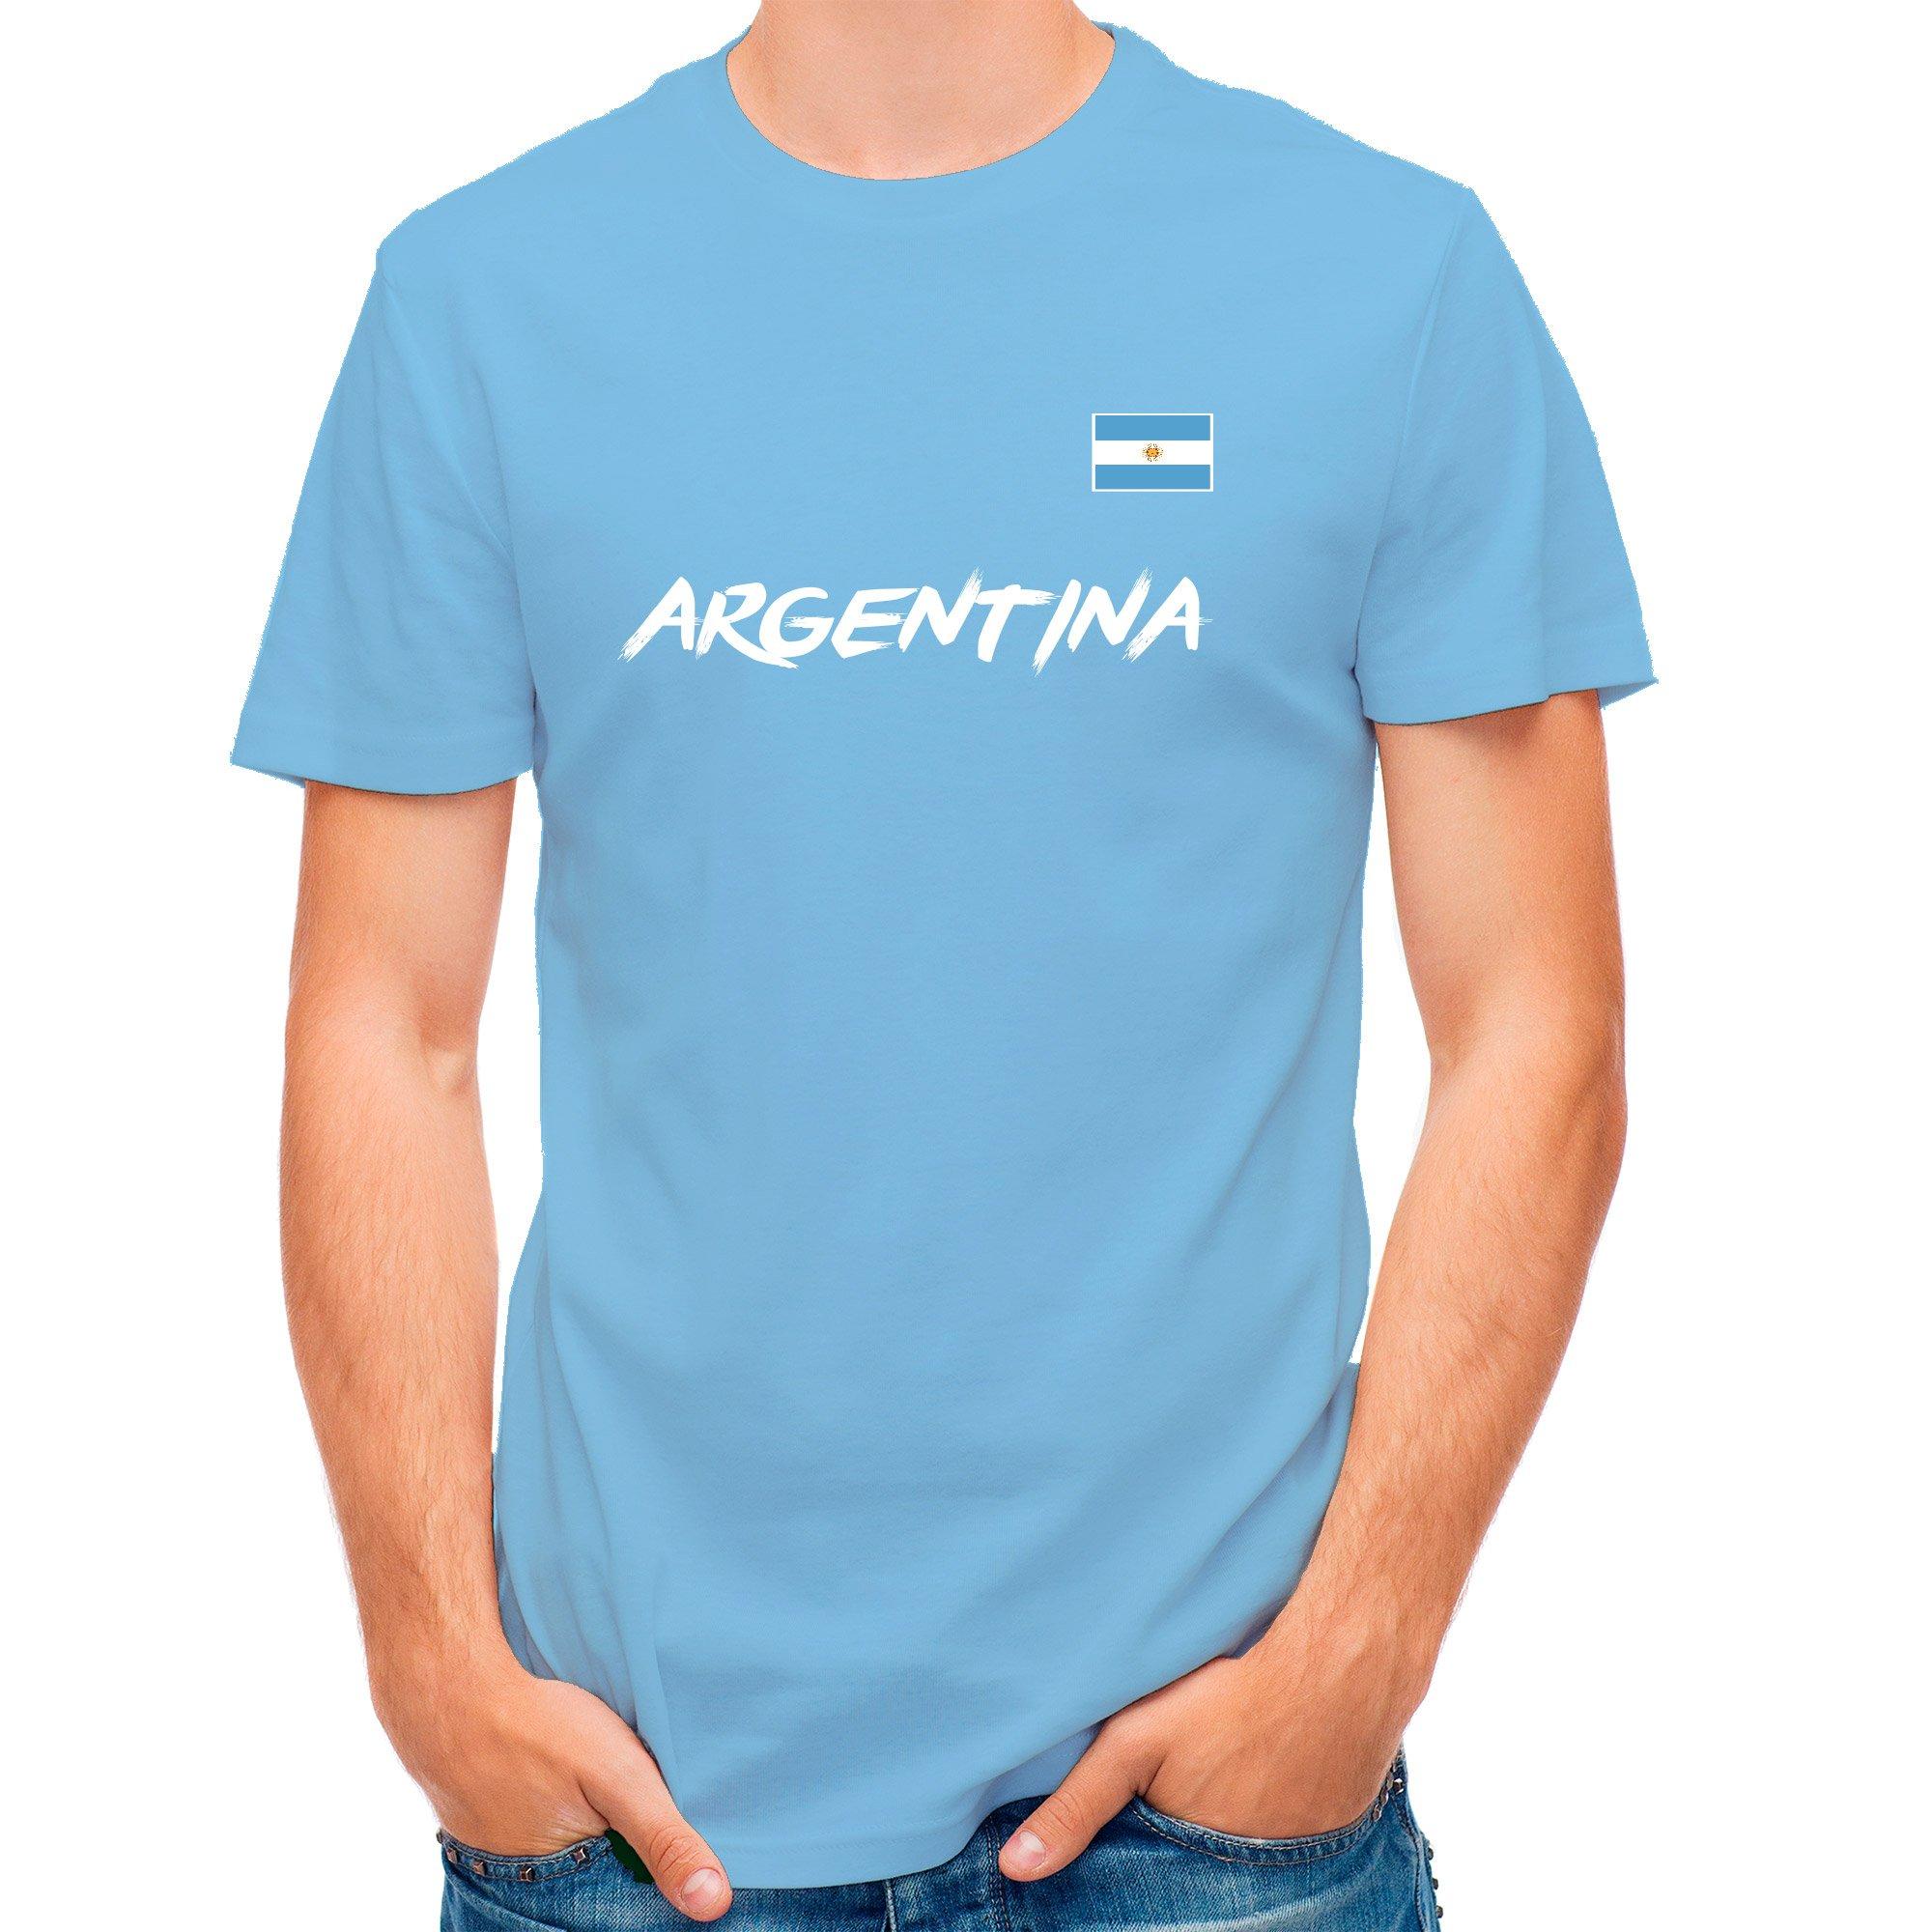 LolaPix Camiseta seleccion de Futbol Personalizada con Nombre y número. Camiseta de algodón para Hombre. Elige tu seleccion. Argentina: Amazon.es: Hogar